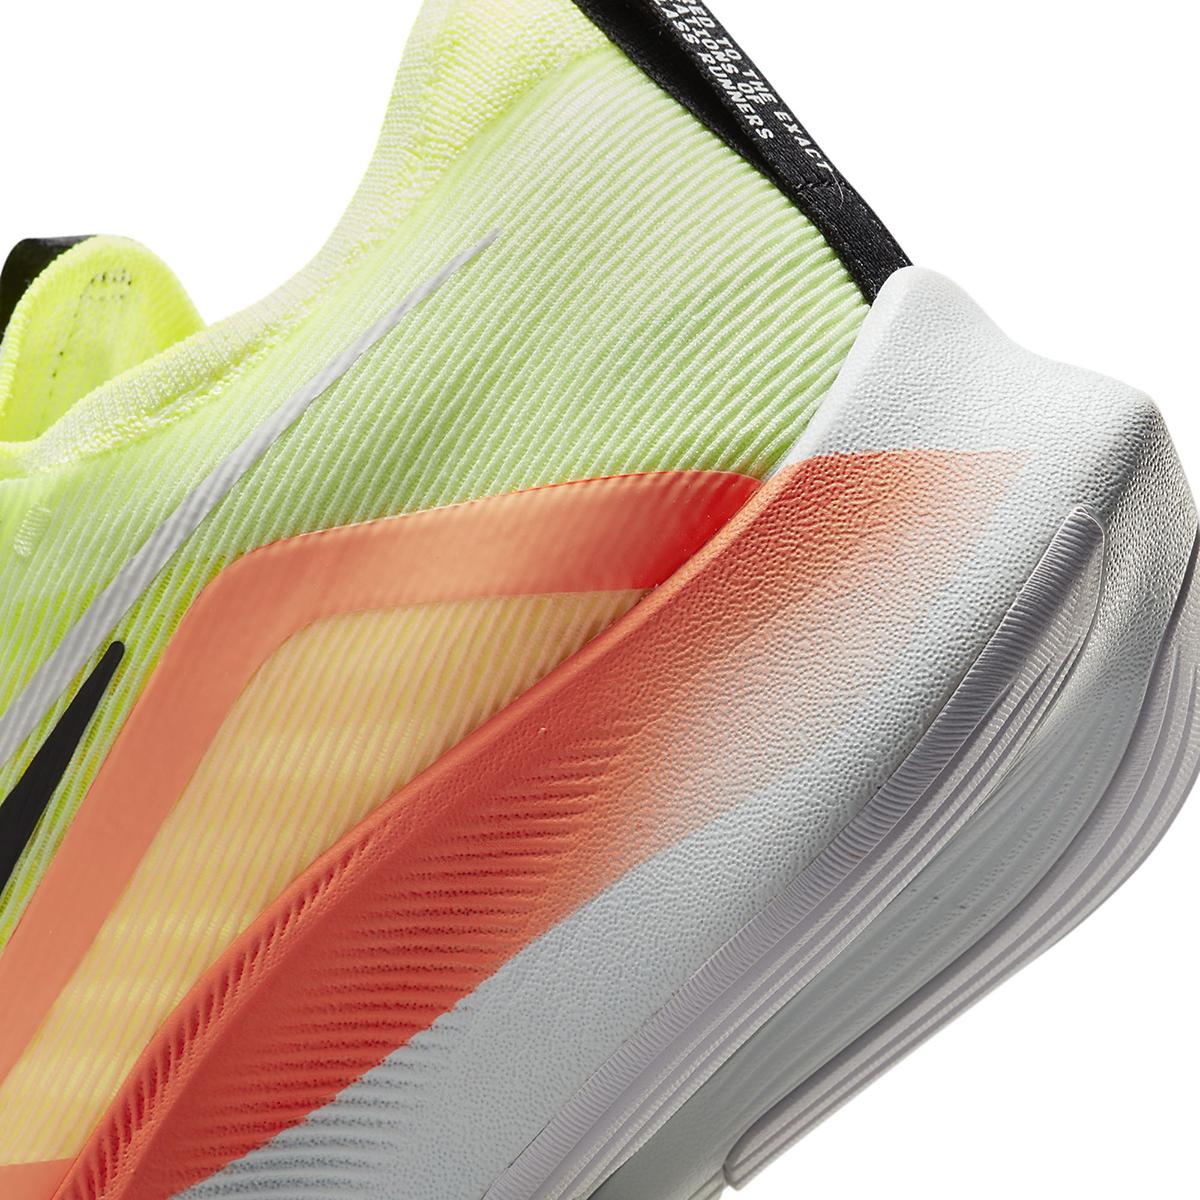 Men's Nike Zoom Fly 4 Running Shoe - Color: Barely Volt/Black/Hyper Orange - Size: 6 - Width: Regular, Barely Volt/Black/Hyper Orange, large, image 4